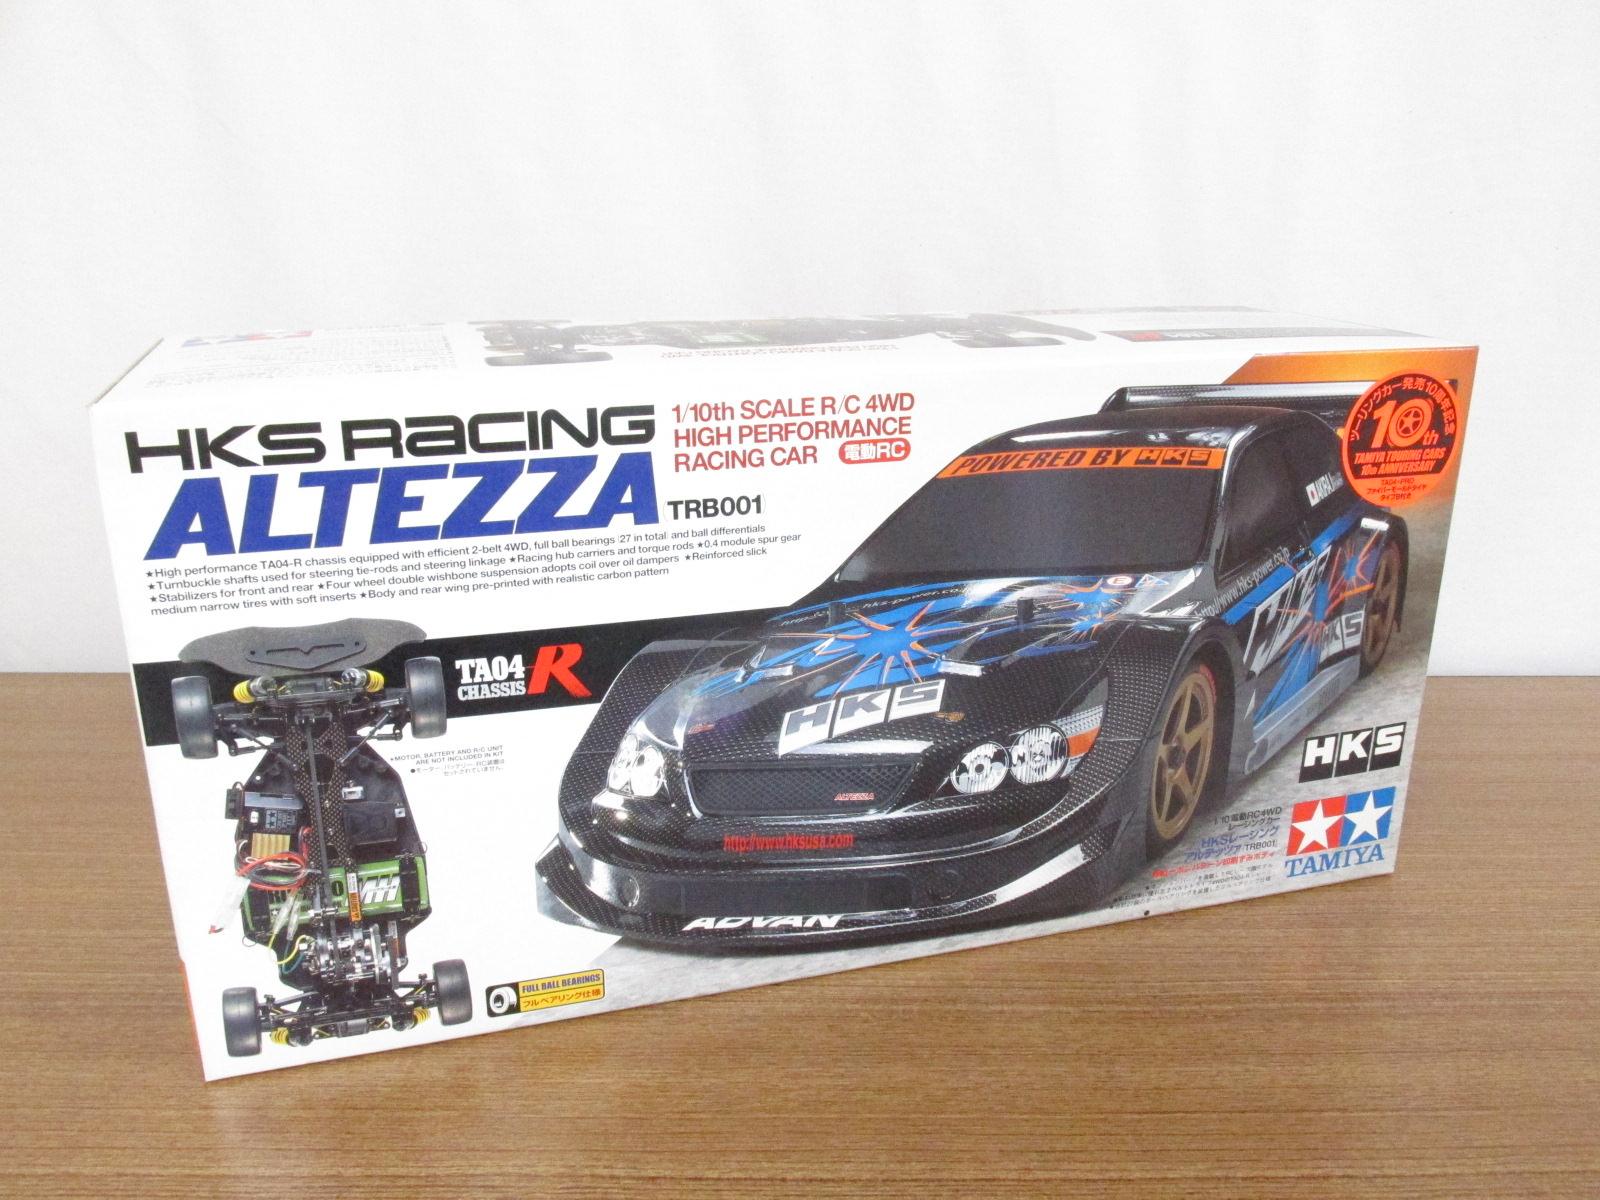 タミヤ 1/10スケール 電動RC4WDレーシングカー HKSレーシング アルテッツァ(TRB001) フルベアリング仕様